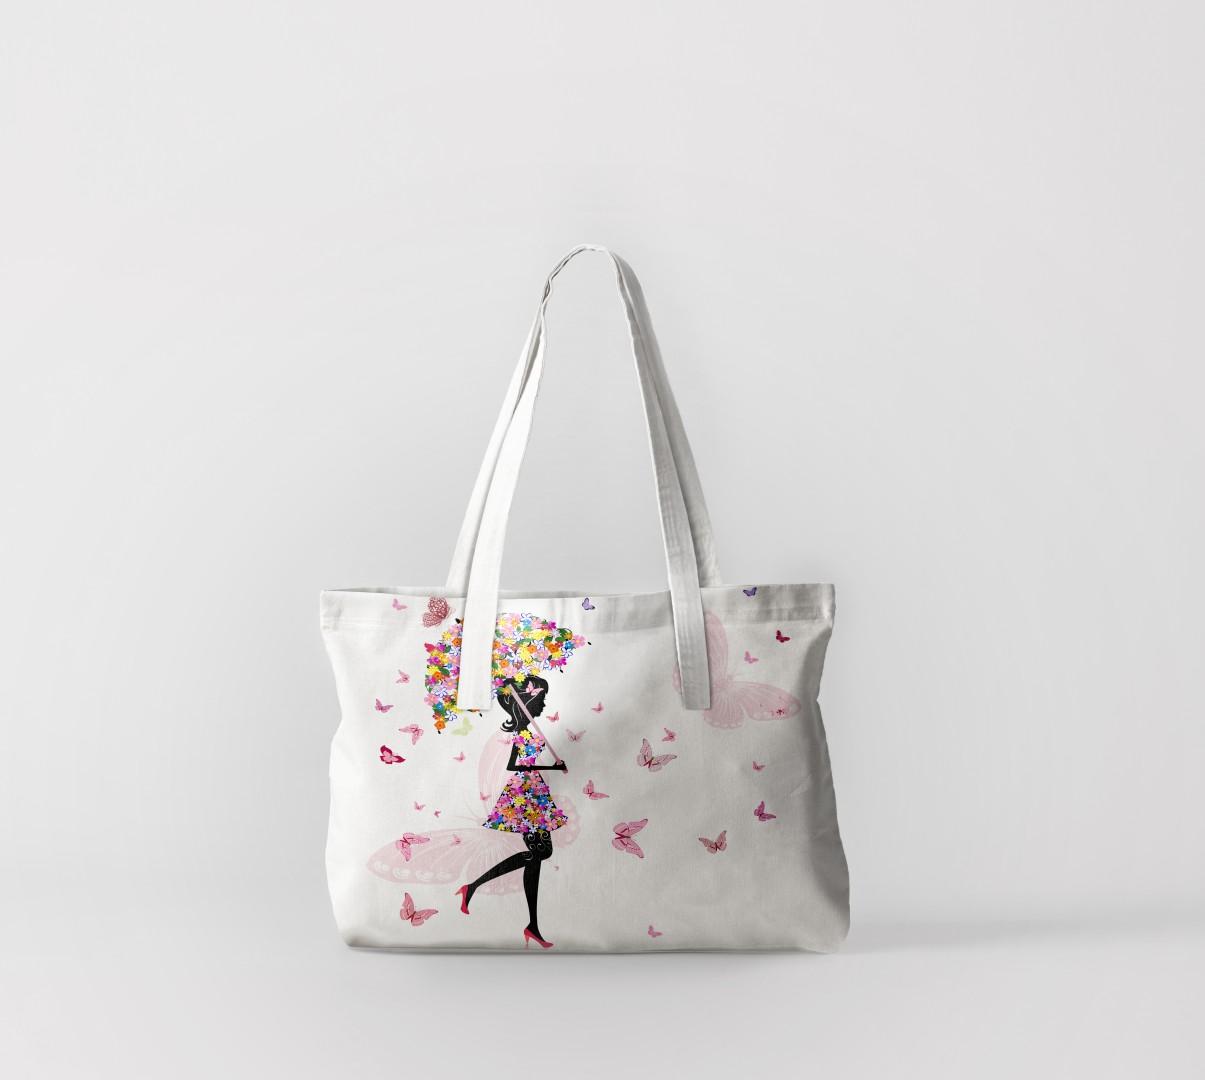 Пляжная сумка Девушки с зонтом из бабочек (50х40 см) Олимп Текстиль oli732565